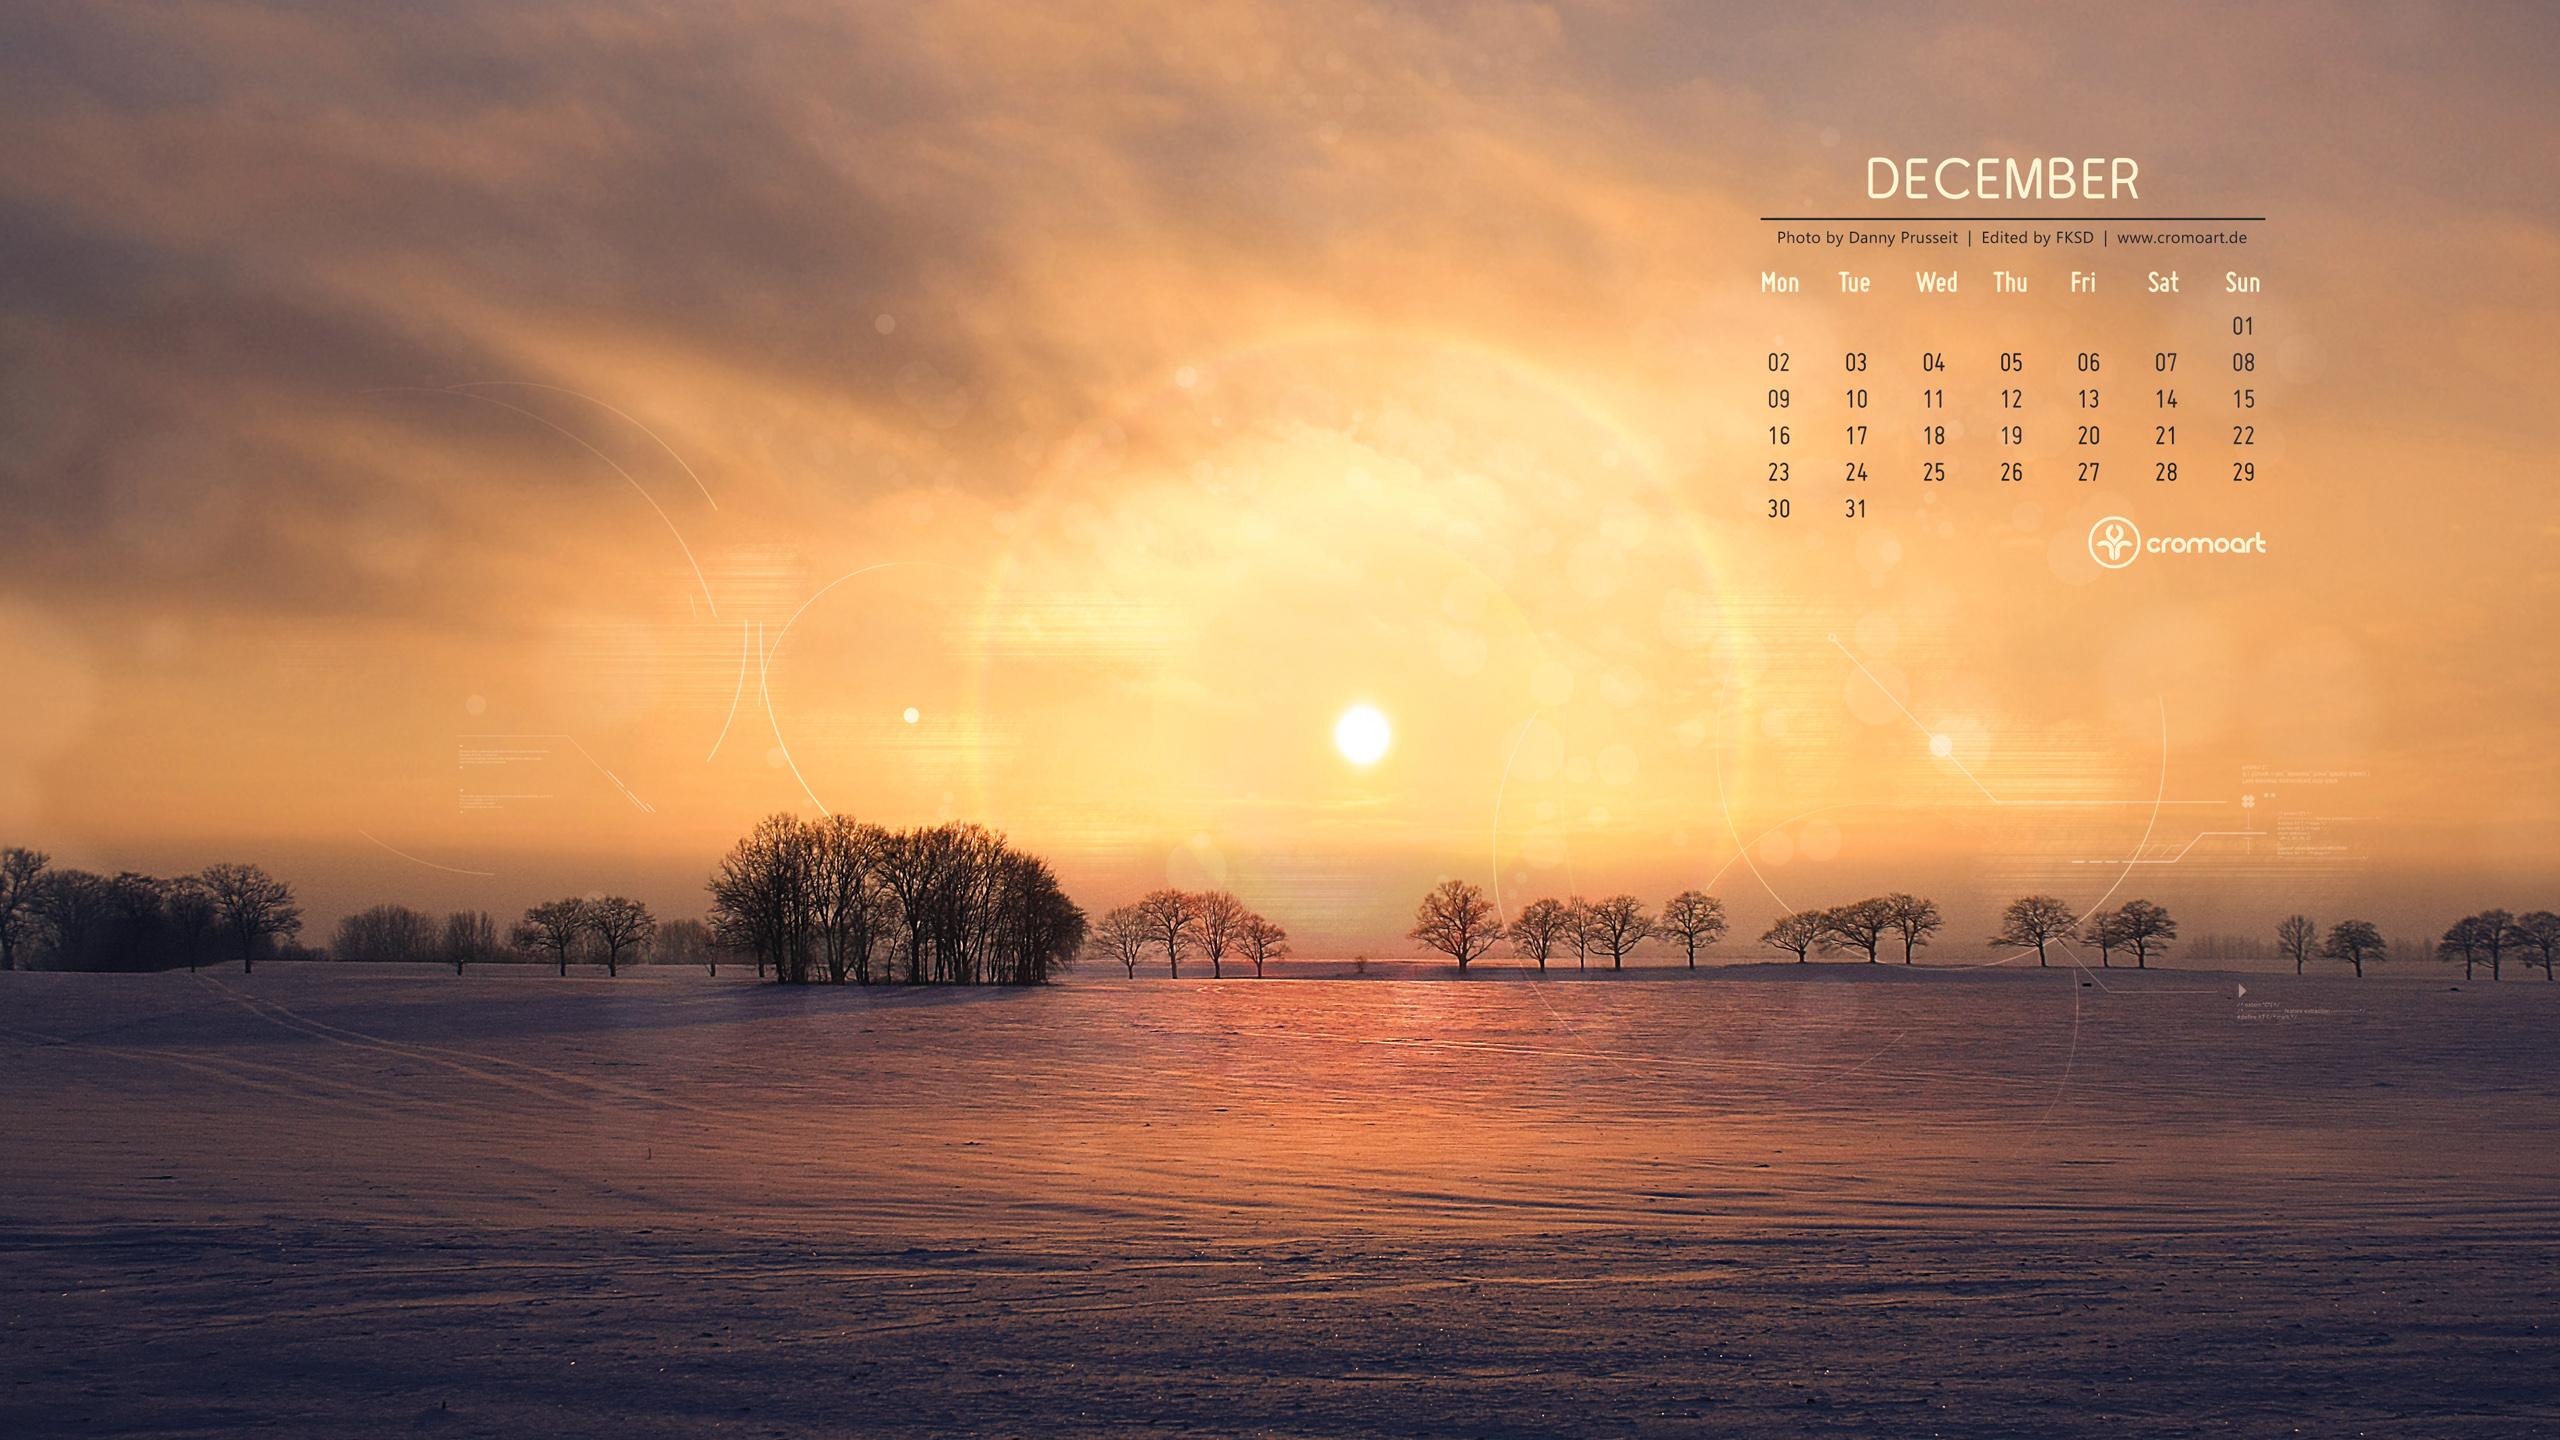 cromoart desktop calendar december 2013